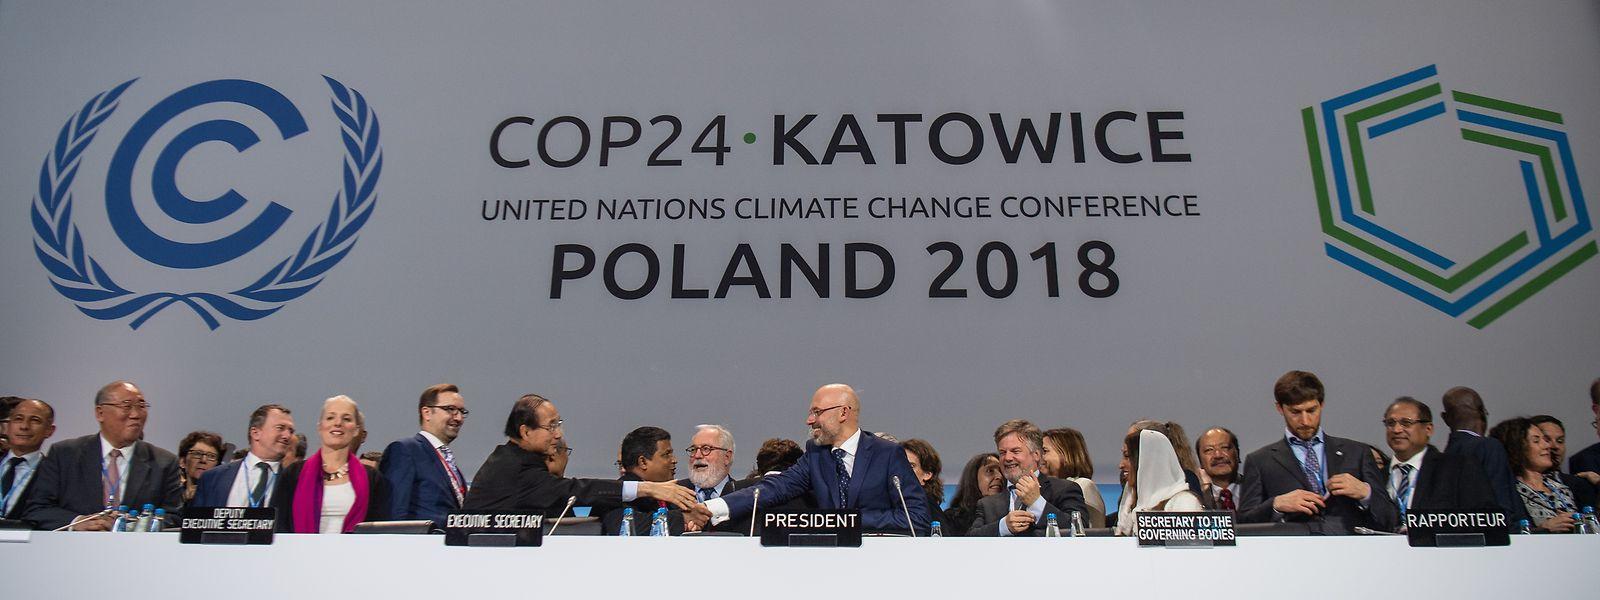 La décision finale de la COP se limite de fait à «répéter la demande de mise à jour» des engagements d'ici 2020, déjà formulée dans l'accord de Paris. Elle «insiste sur l'urgence d'une ambition accrue», sans calendrier.